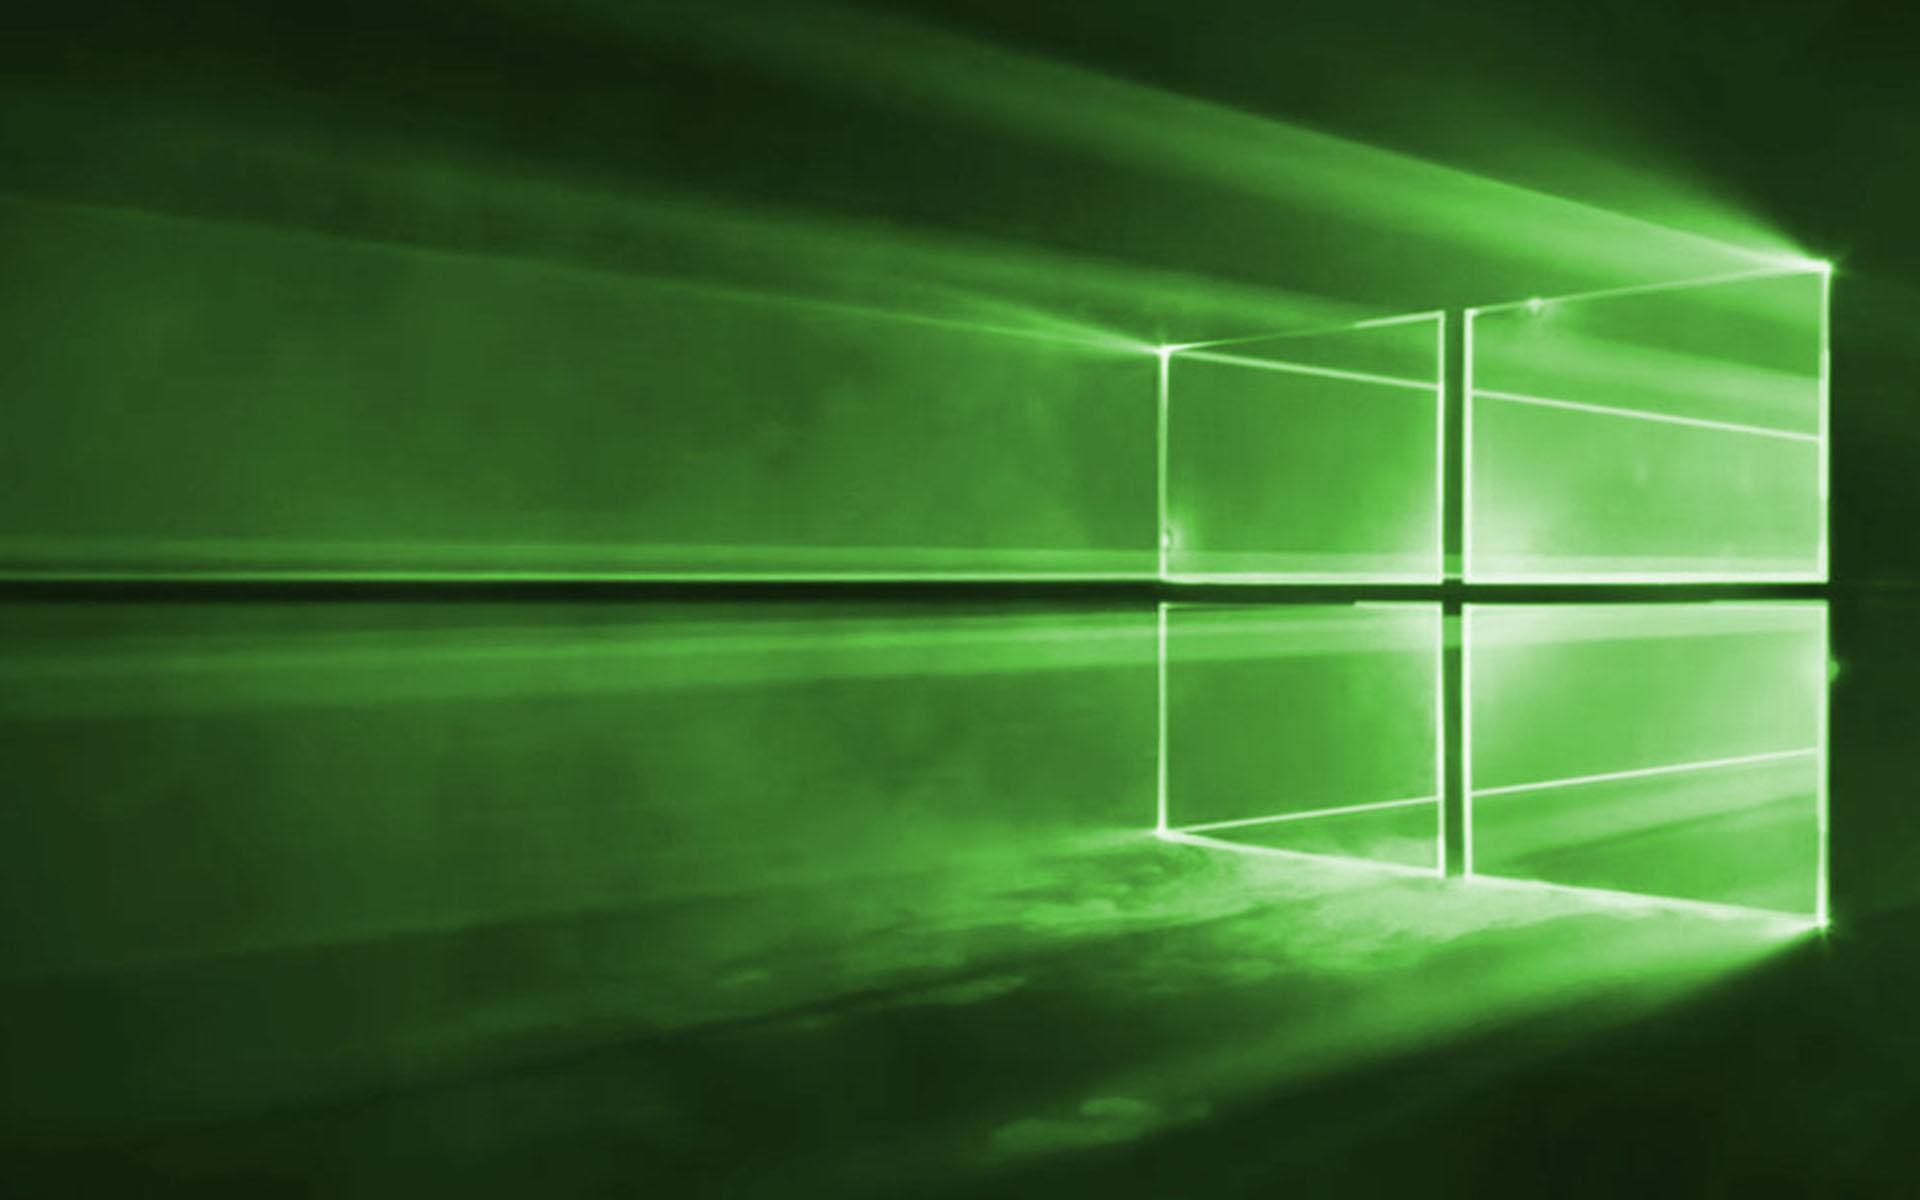 Green Windows 10 Wallpaper   Wallpapers 1920x1200